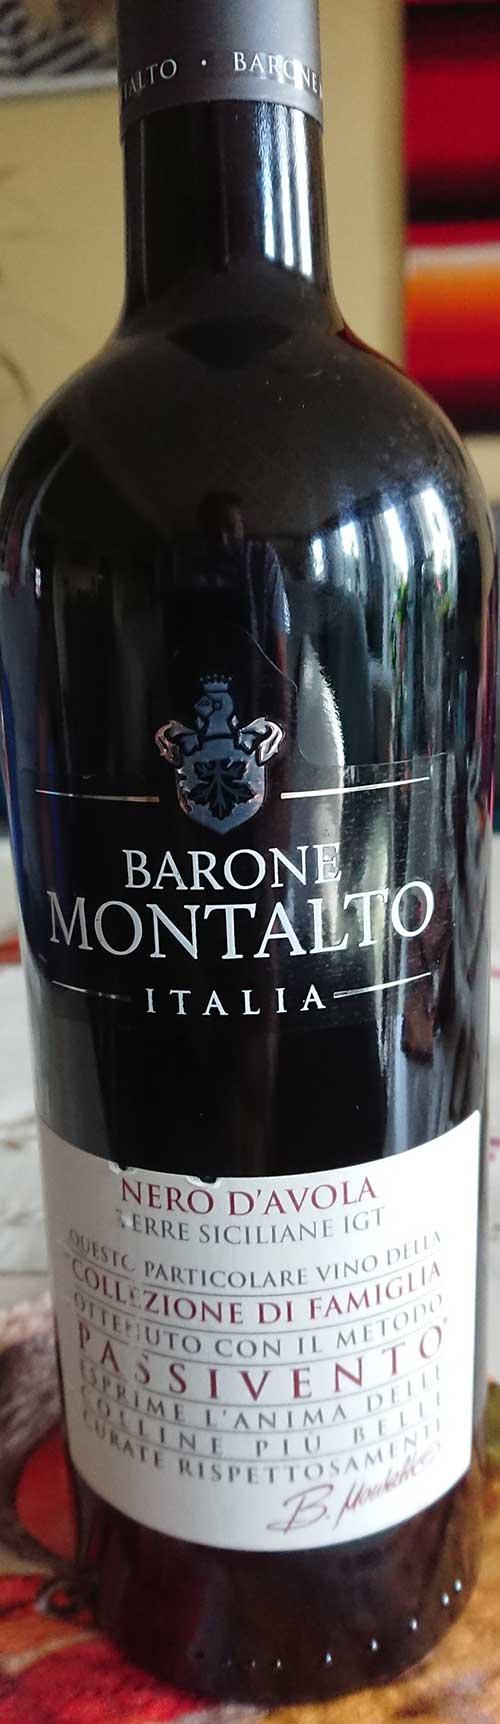 Collectione di Famiglia Nero d`Avola Passivento ( Barone Montalto ) 2011